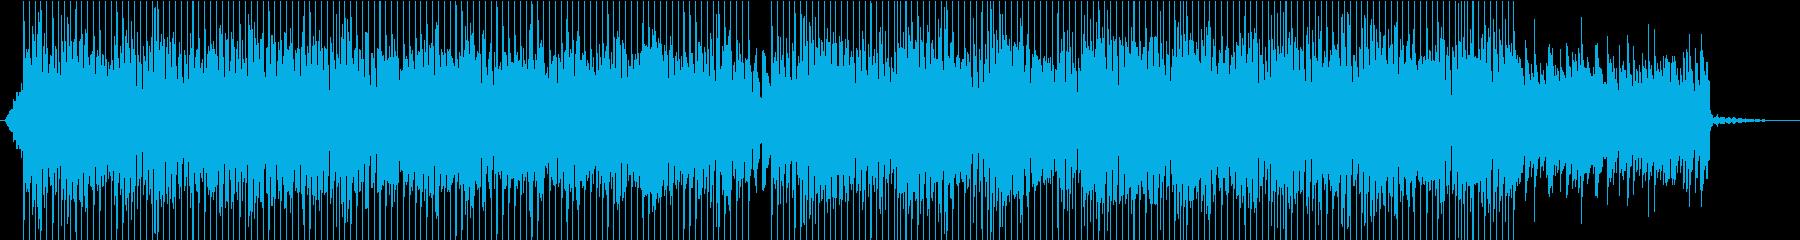 インディーズ ロック 移動 エレキ...の再生済みの波形